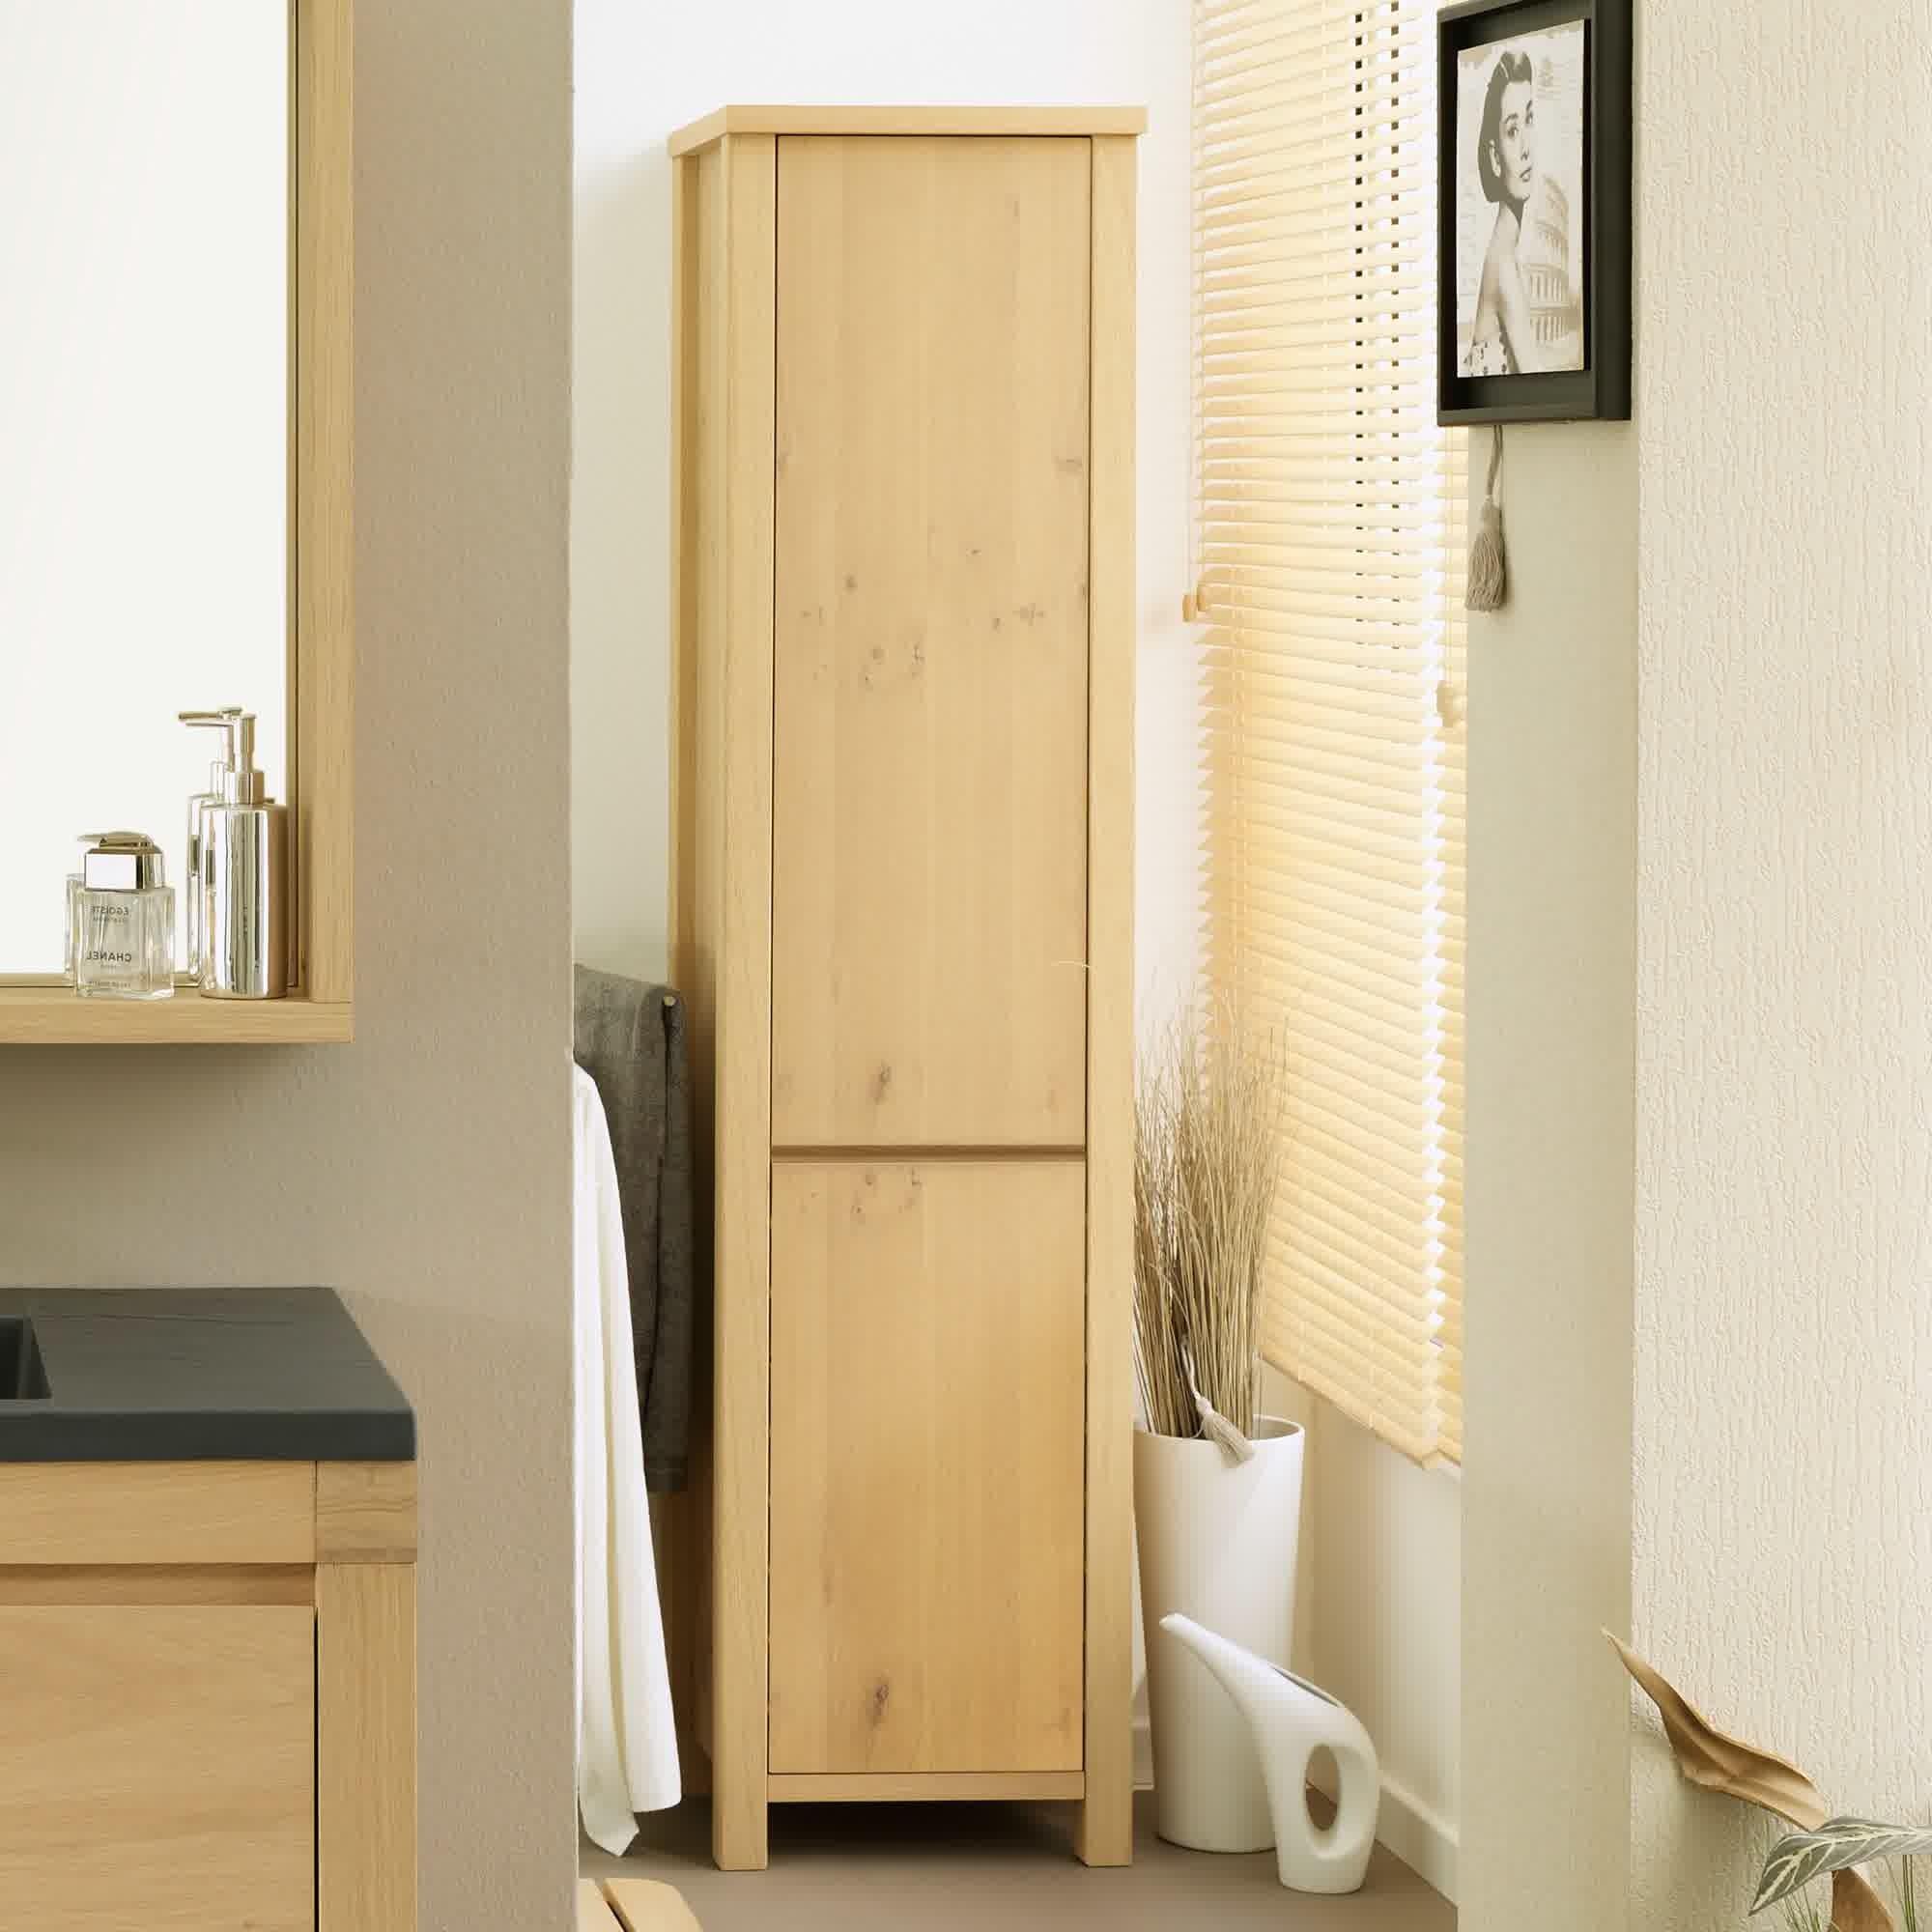 Tag re salle de bain bois salle de bain id es de d coration de maison pxgnv0jd62 - Etagere salle de bain bois ...